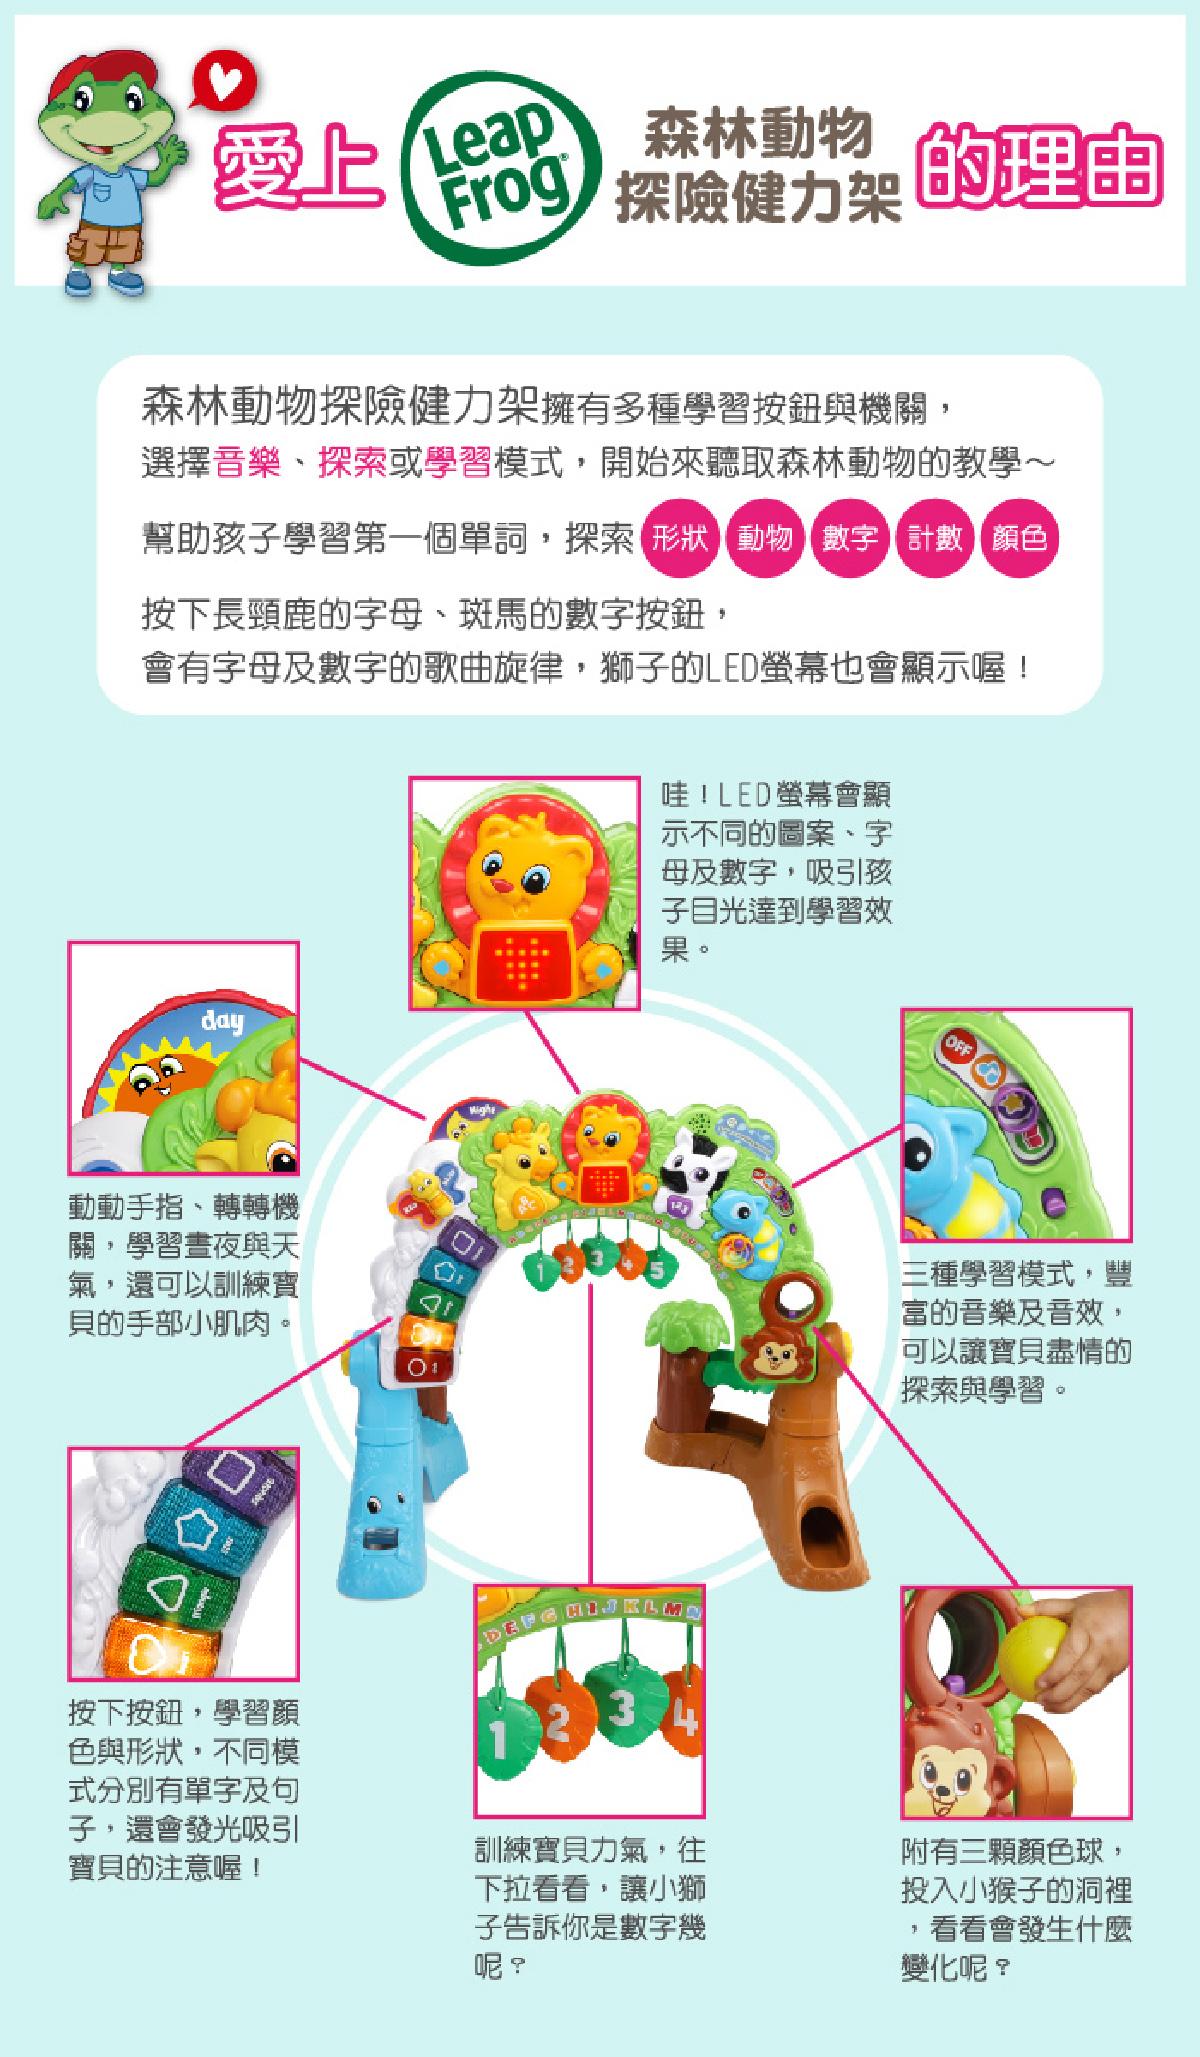 森林動物探險健力架,擁有多種學習按鈕與機關,選擇音樂、探索或學習模式,開始聽取森林動物教學,幫助孩子學習第一個單詞,按下長頸鹿的字母、斑馬的數字按鈕,會有字母及數字的歌曲旋律,獅子的LED螢幕也會顯示唷。